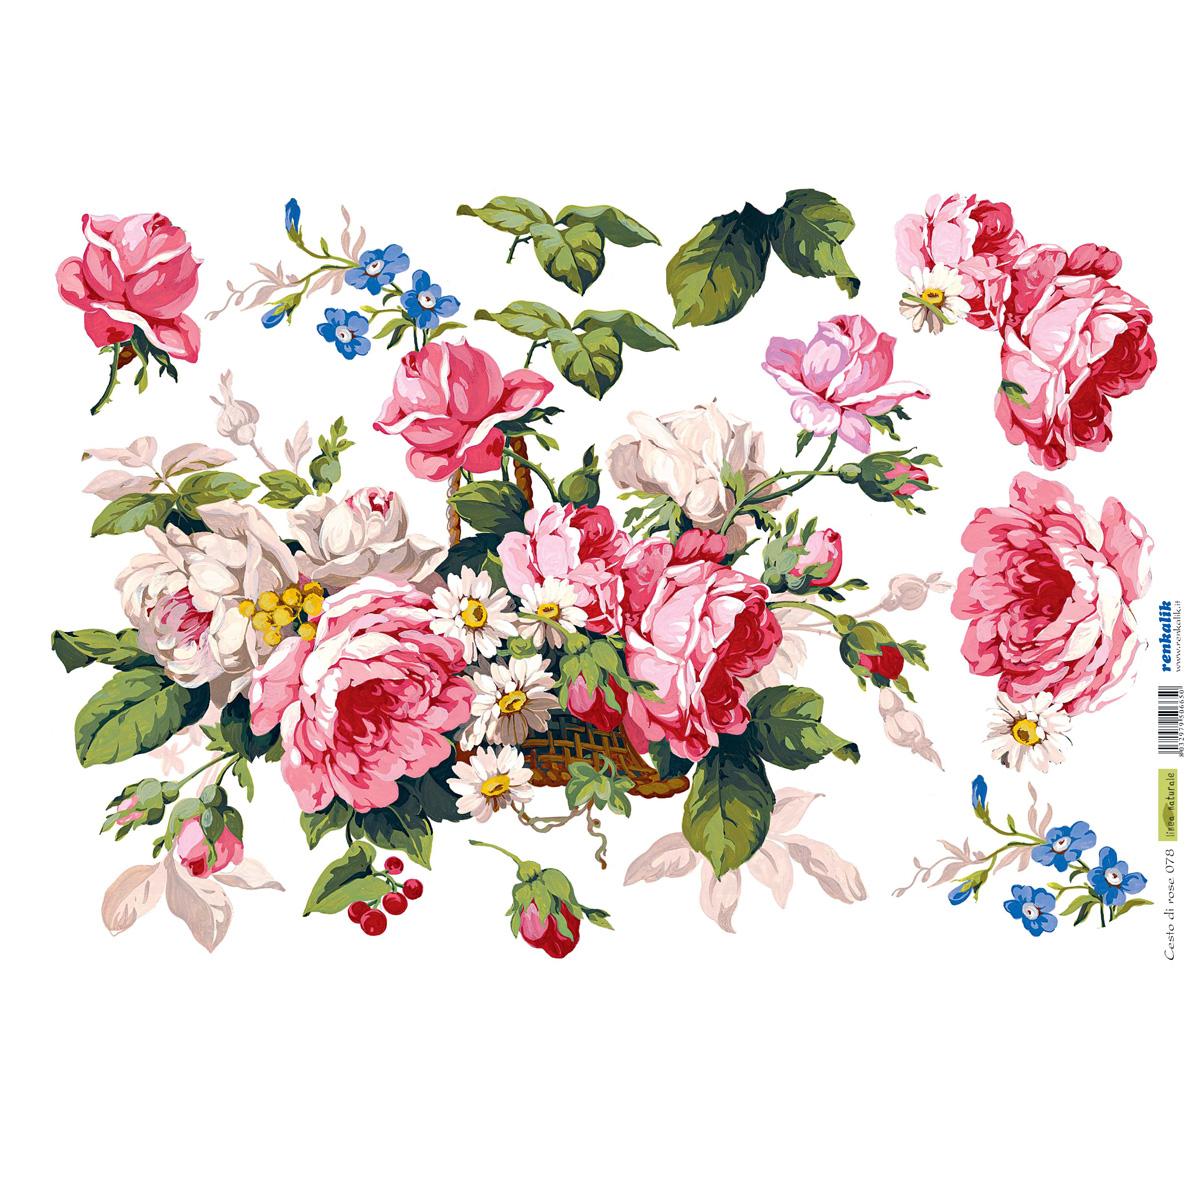 Рисовая бумага для декупажа Renkalik Корзина с розами, 35 х 50 см97775318Бумага для декупажа Renkalik предназначена для декорирования предметов. Имеет в составе прожилки риса, которые очень красиво смотрятся на декорируемом изделии, придают ему неповторимую фактуру и создают эффект нанесенного кистью рисунка. Подходит для декора в технике декупаж на стекле, дереве, пластике, металле и любых других поверхностях. Плотность бумаги: 25 г/м2.